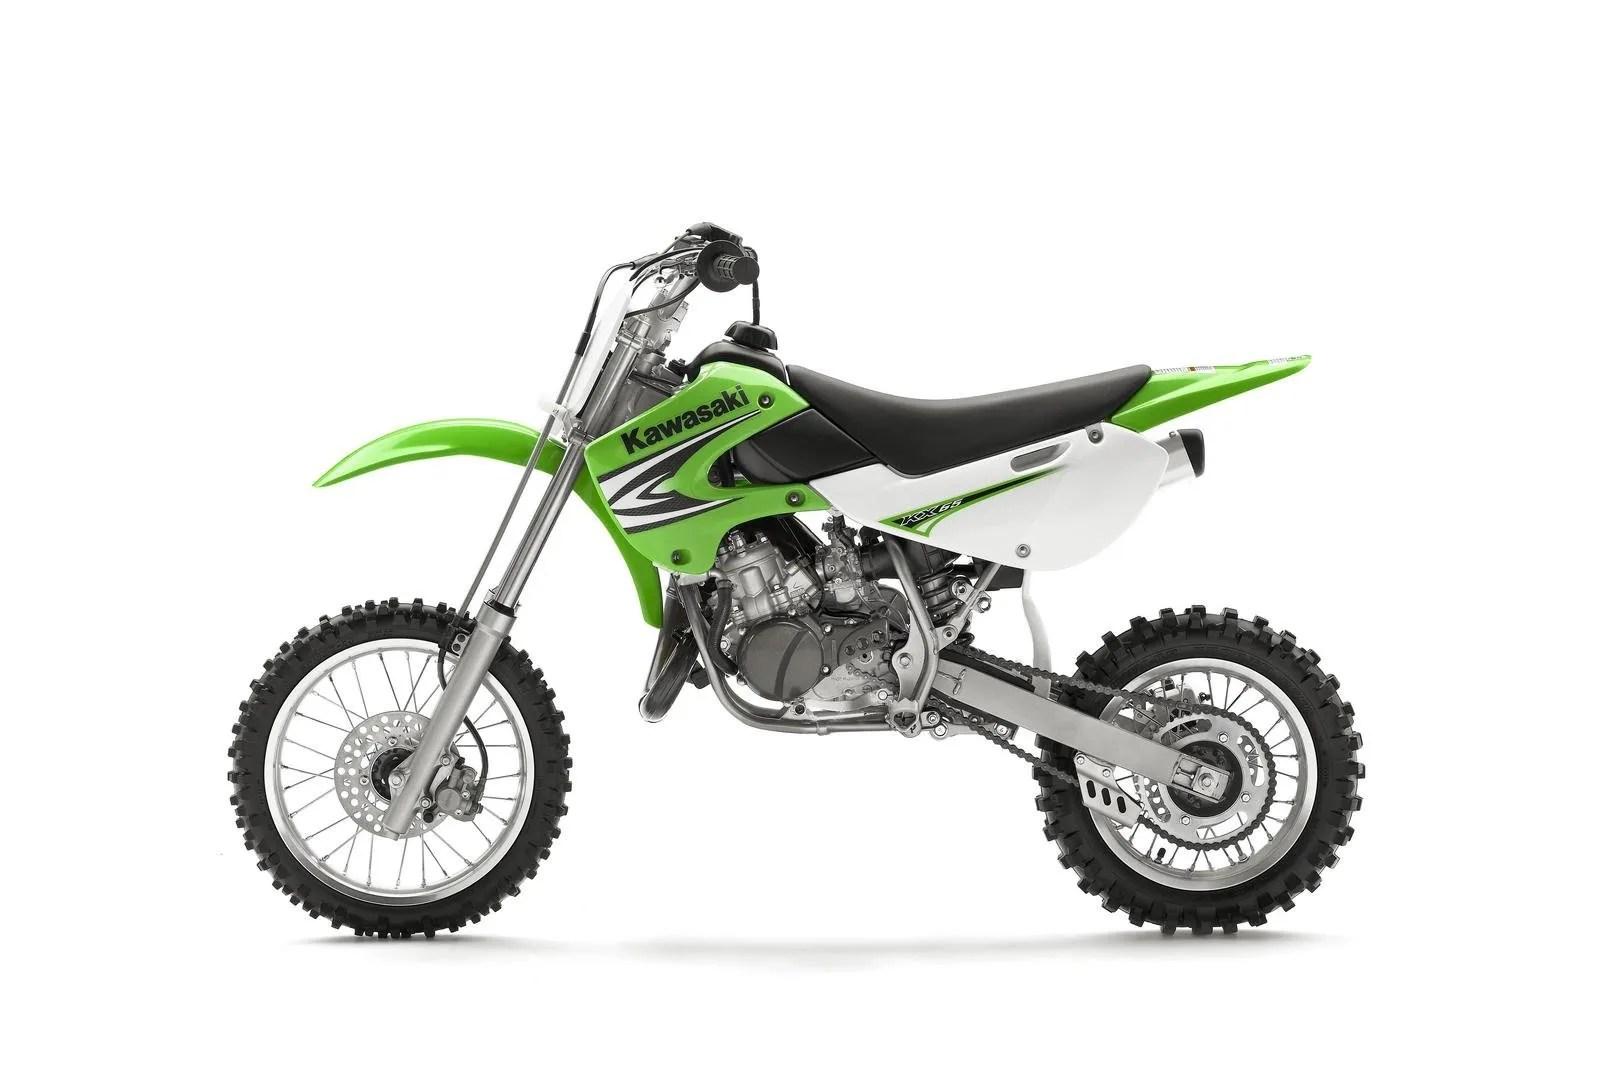 Kawasaki Kx65